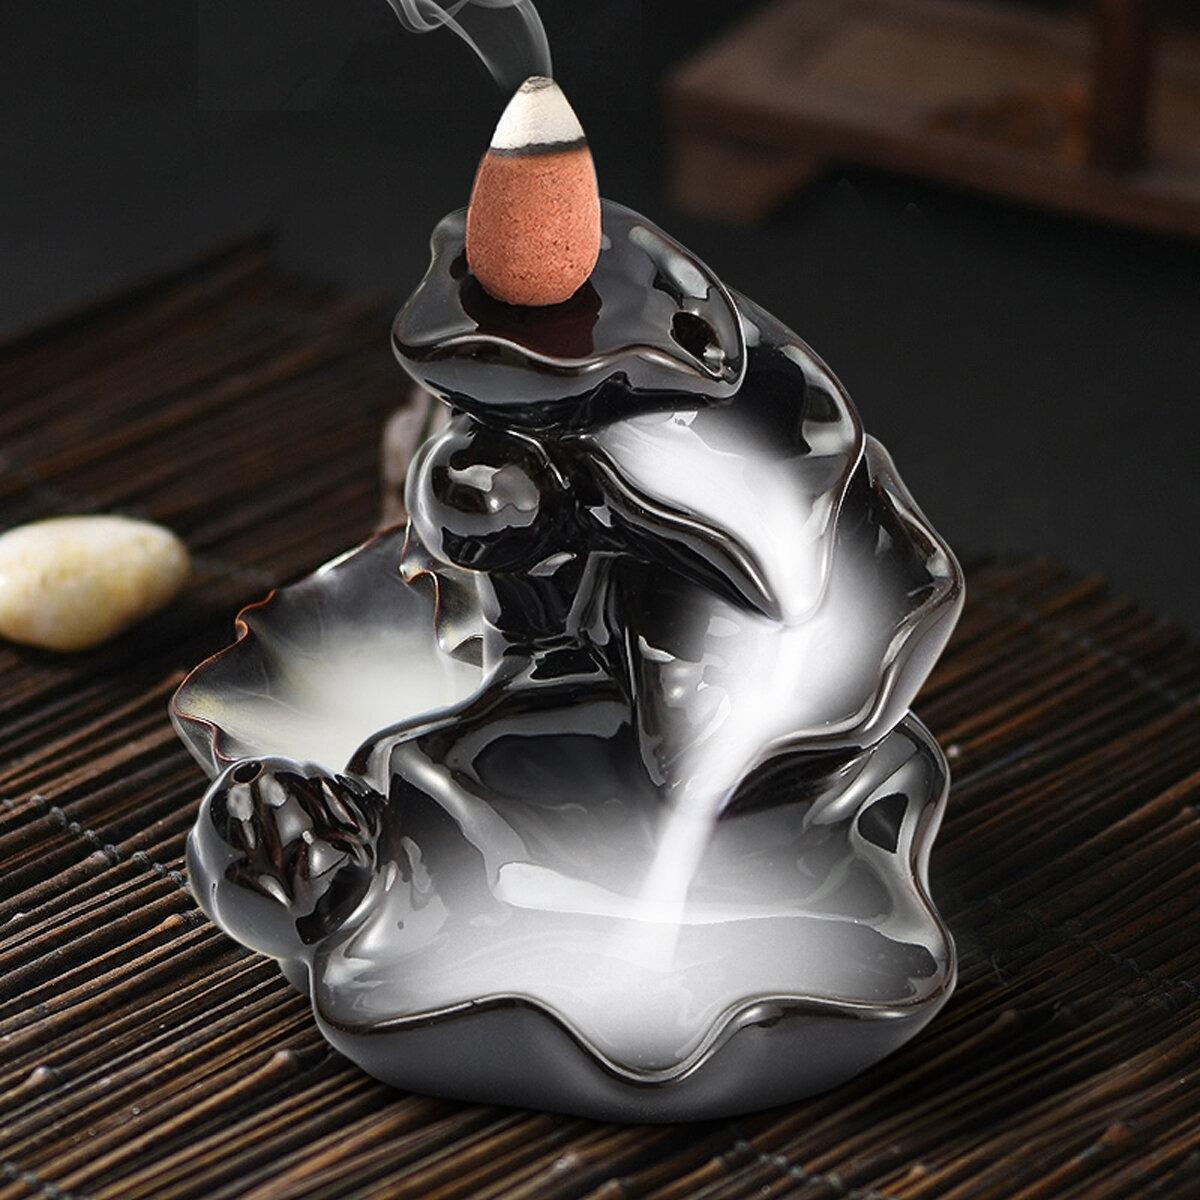 逆流香コーンバーナーホルダーセラミックロータス香り香りのある煙逆流ホーム香炉の装飾